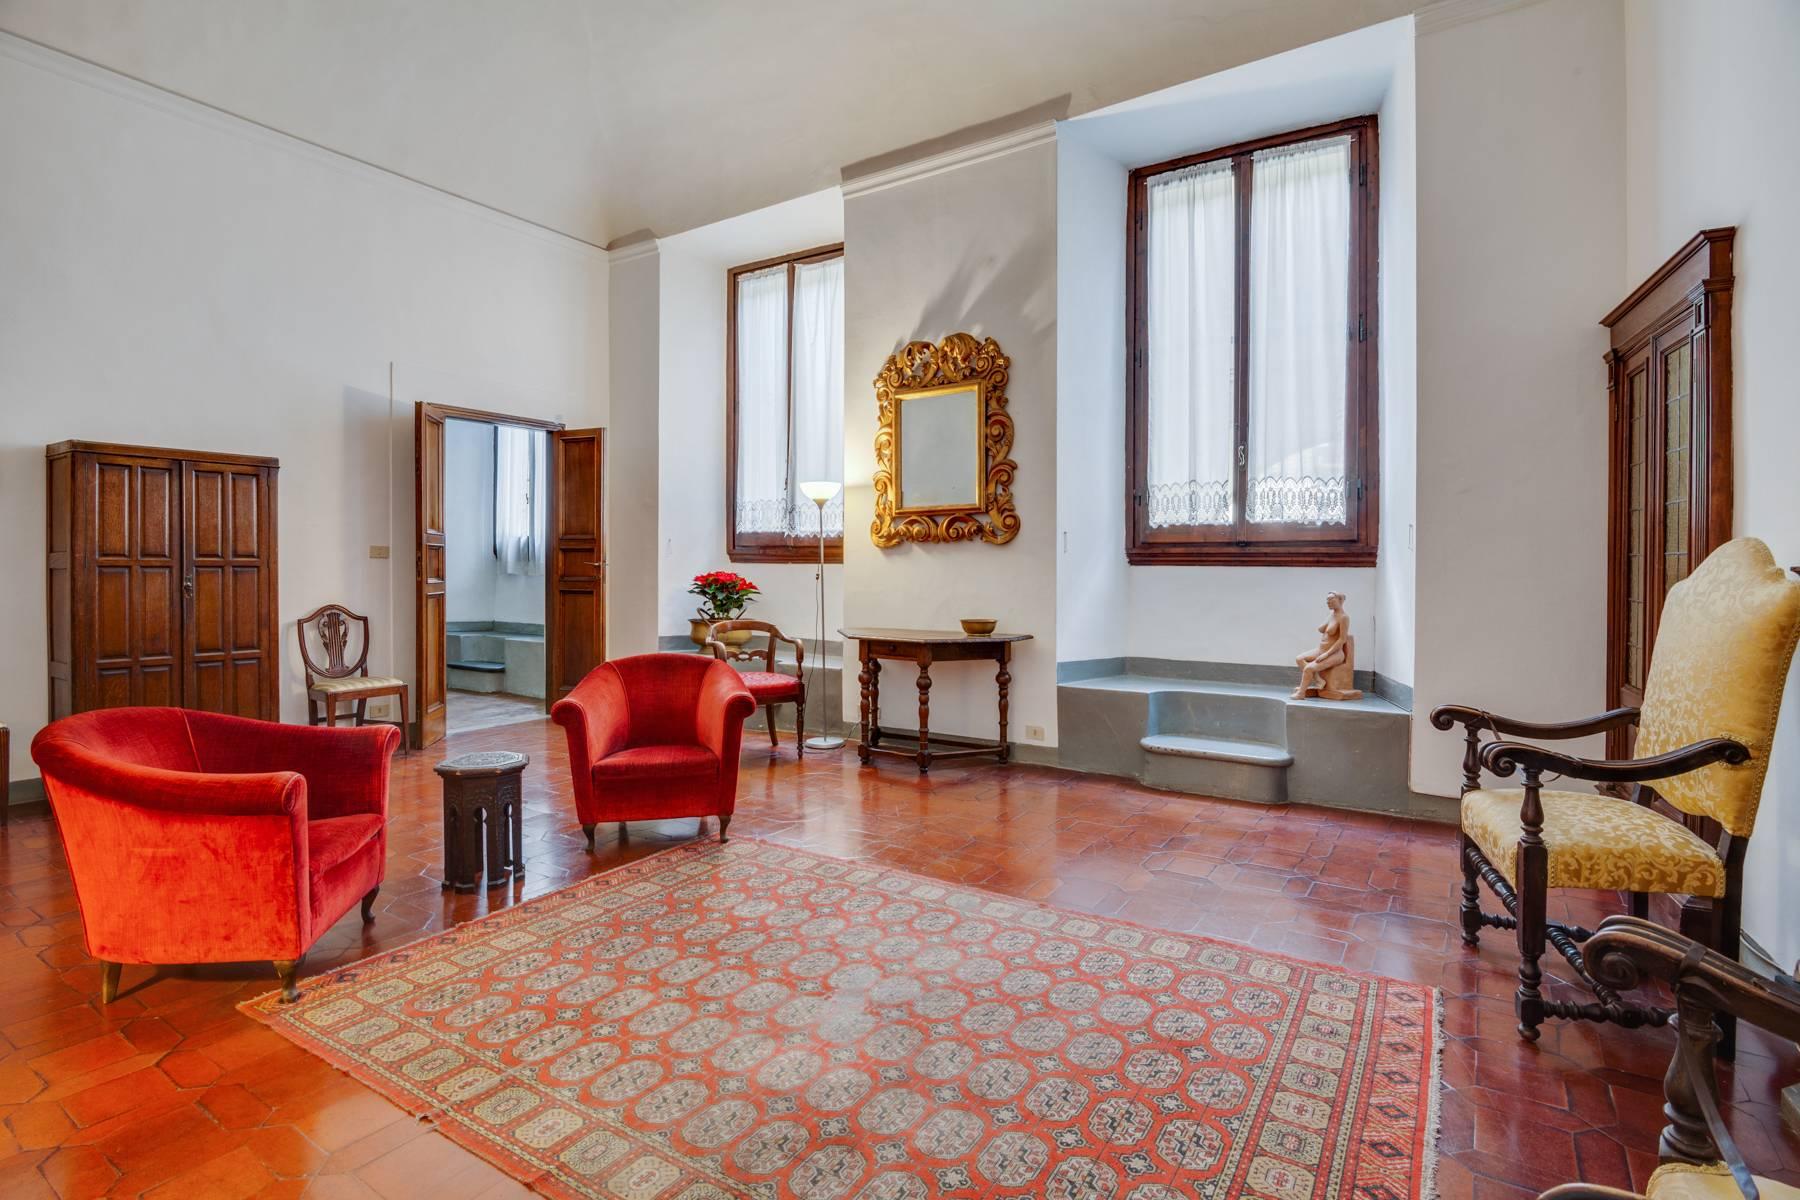 Appartamento in Vendita a Firenze: 5 locali, 210 mq - Foto 2